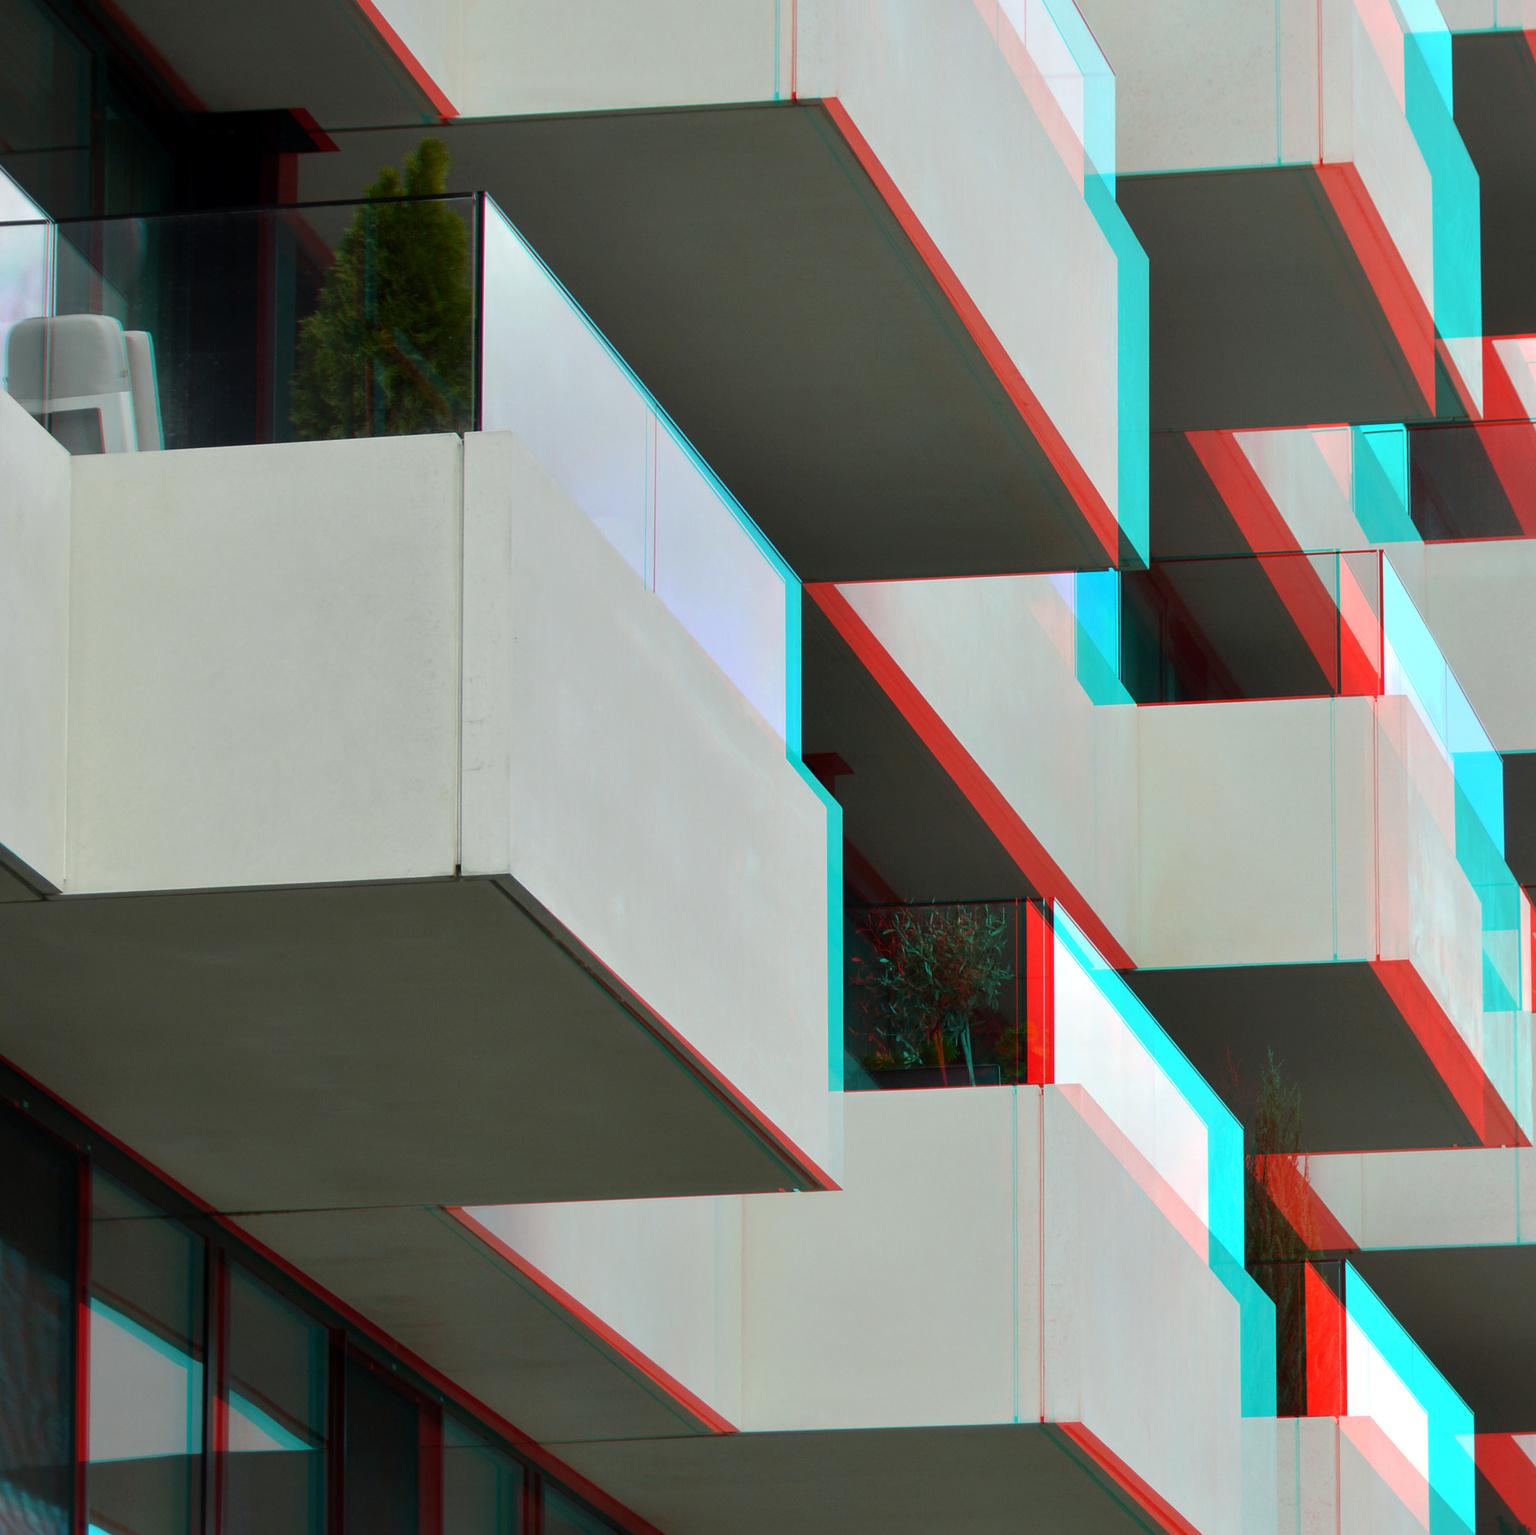 The Muse Wijnhaven  Rotterdam 3D - 3D anaglyph stereo red/cyan - foto door hoppenbrouwers op 12-04-2021 - locatie: Rotterdam, Nederland - deze foto bevat: 3d, anaglyph, the muse, rotterdam, wijnhaven, anaglyphred/cyan, rechthoek, architectuur, lijn, rood, kunst, materiële eigenschap, stedelijk ontwerp, driehoek, facade, parallel